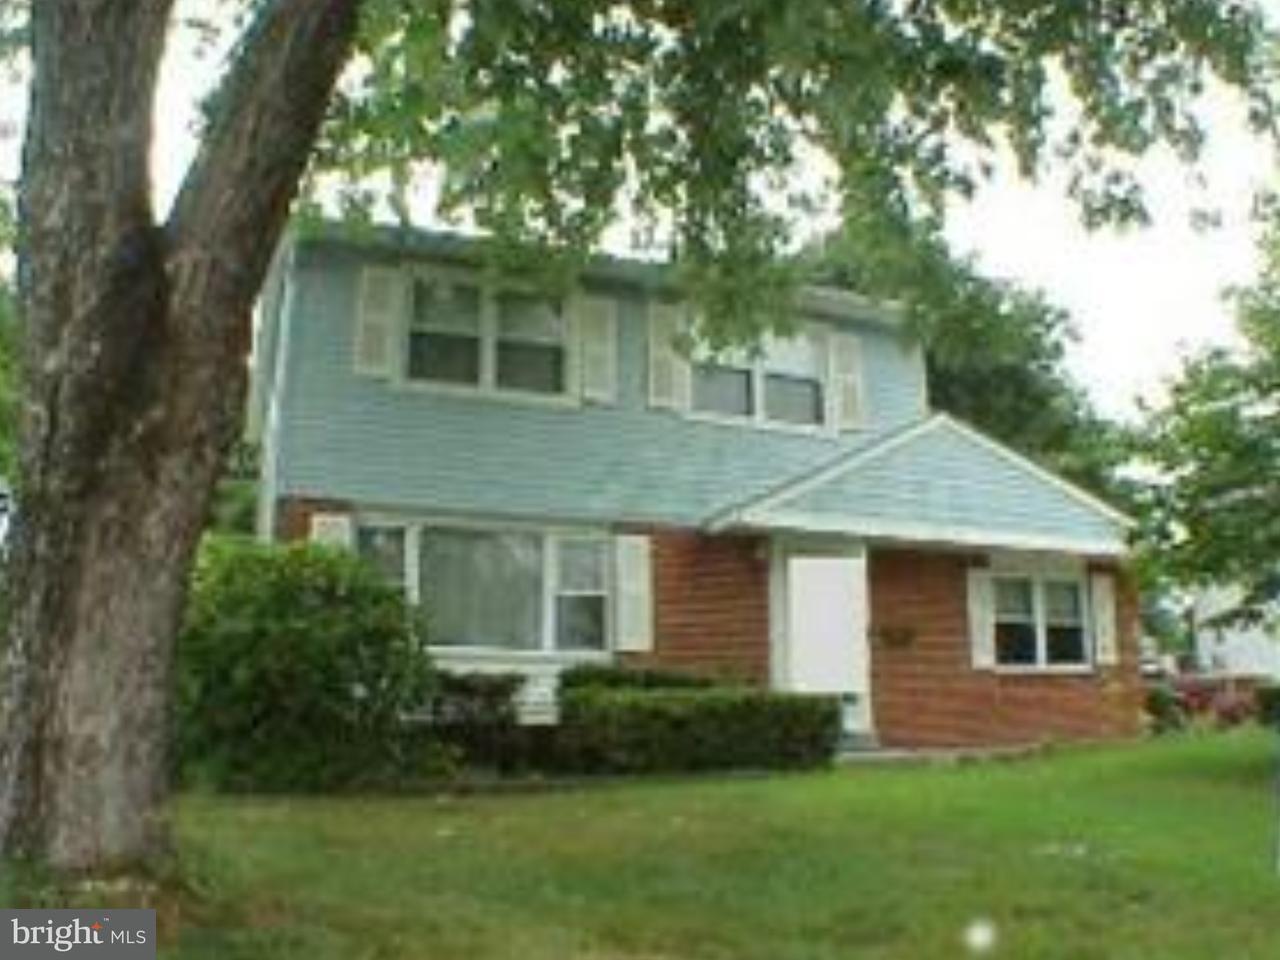 独户住宅 为 出租 在 267 KESSELRING Avenue 多佛, 特拉华州 19904 美国